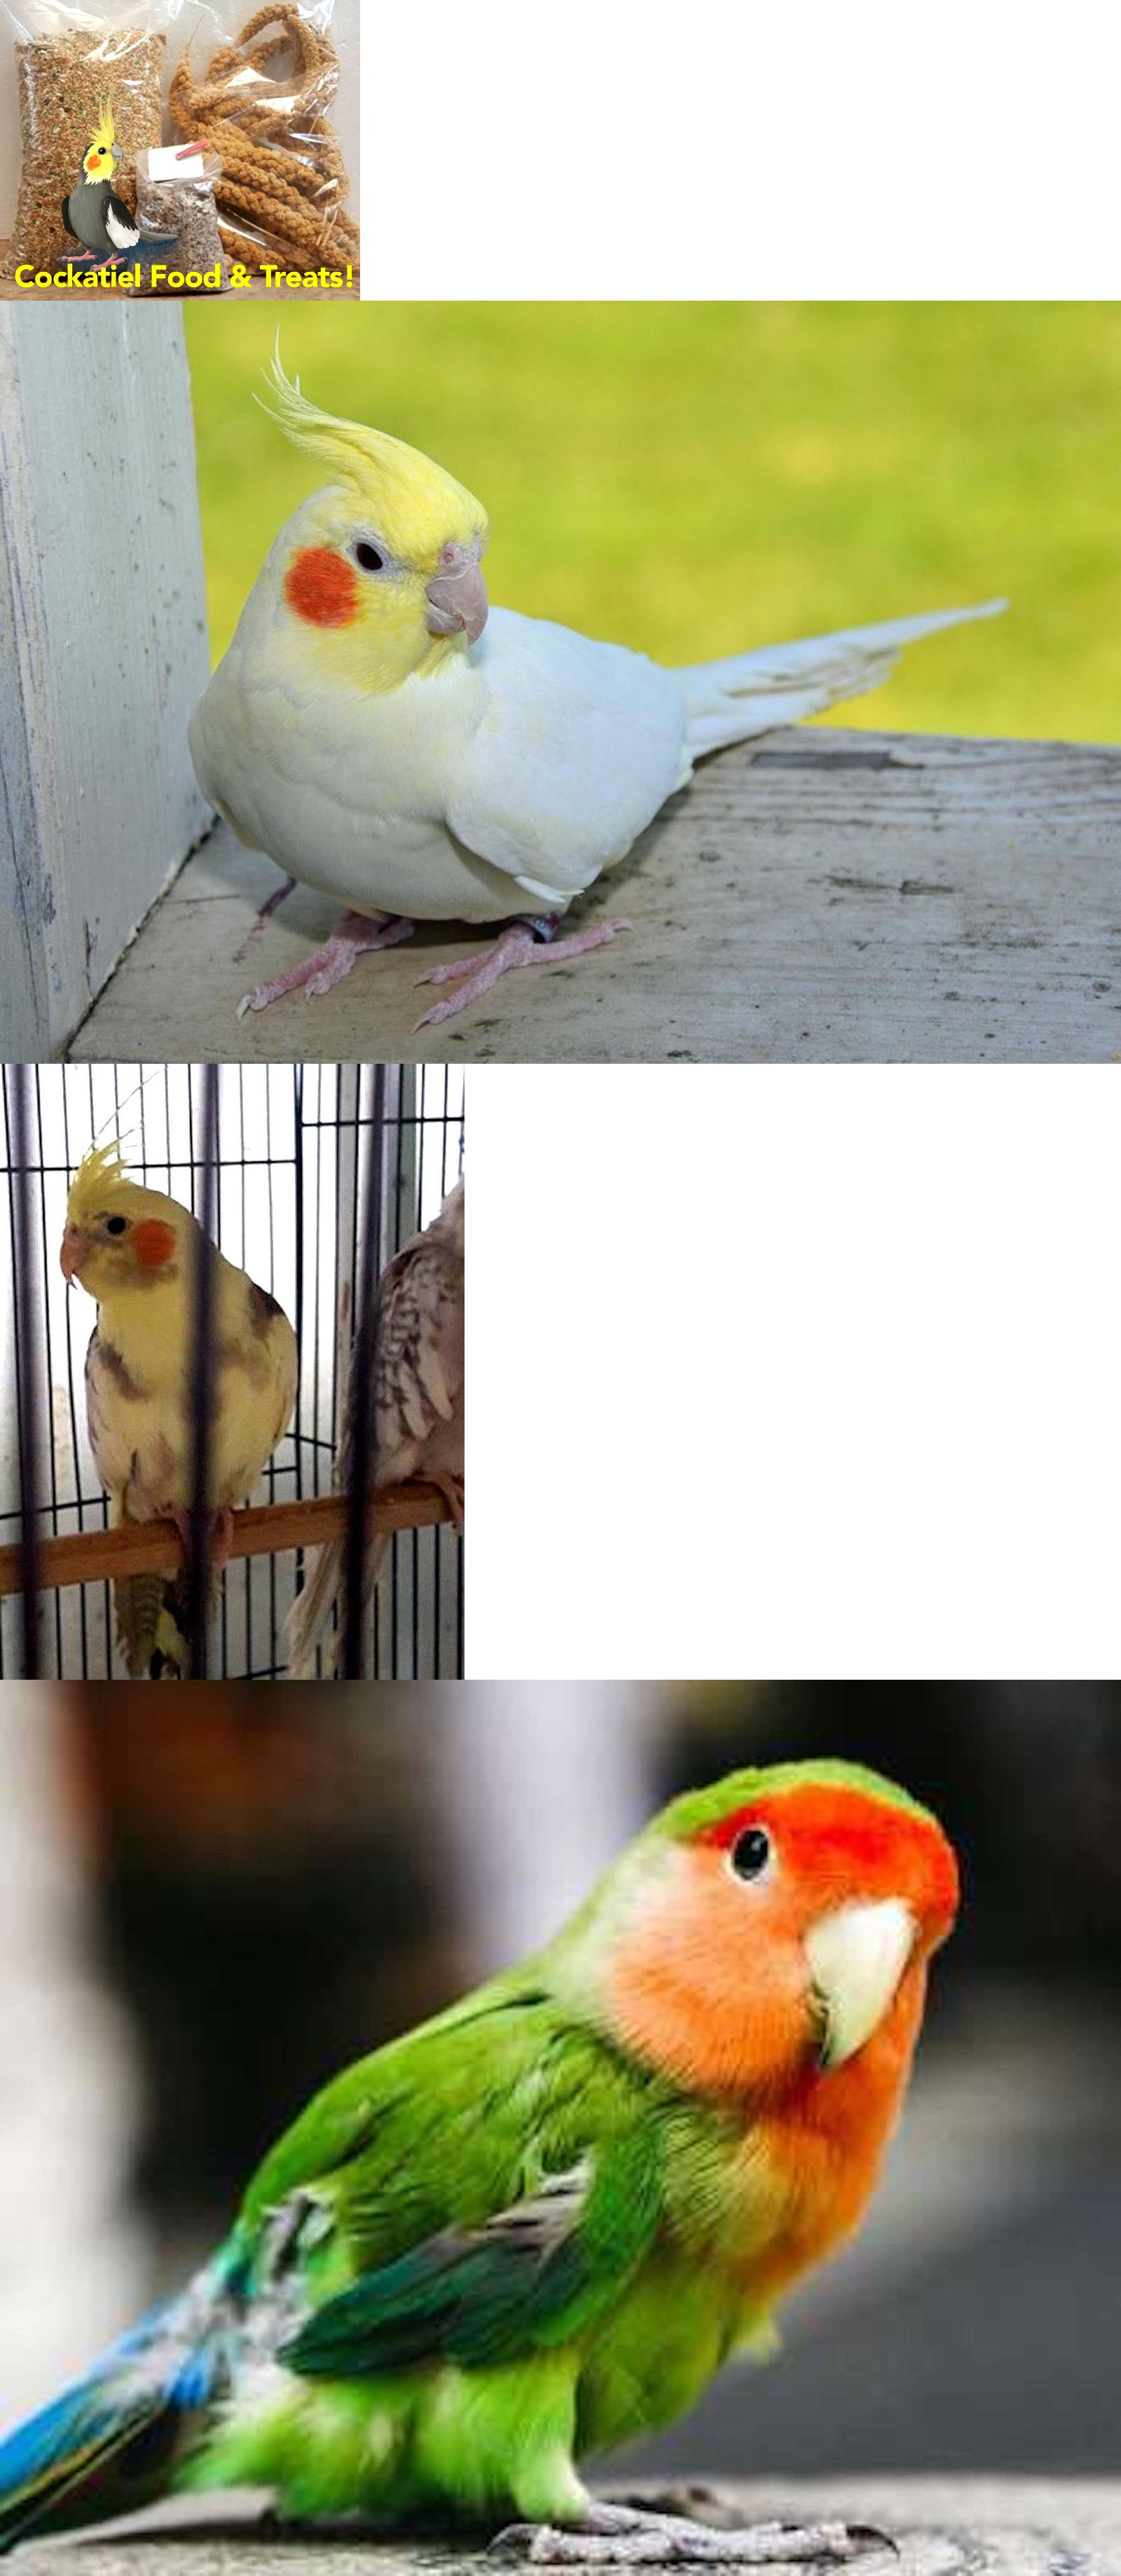 Food and treats 116494 cockatiel or love bird food and